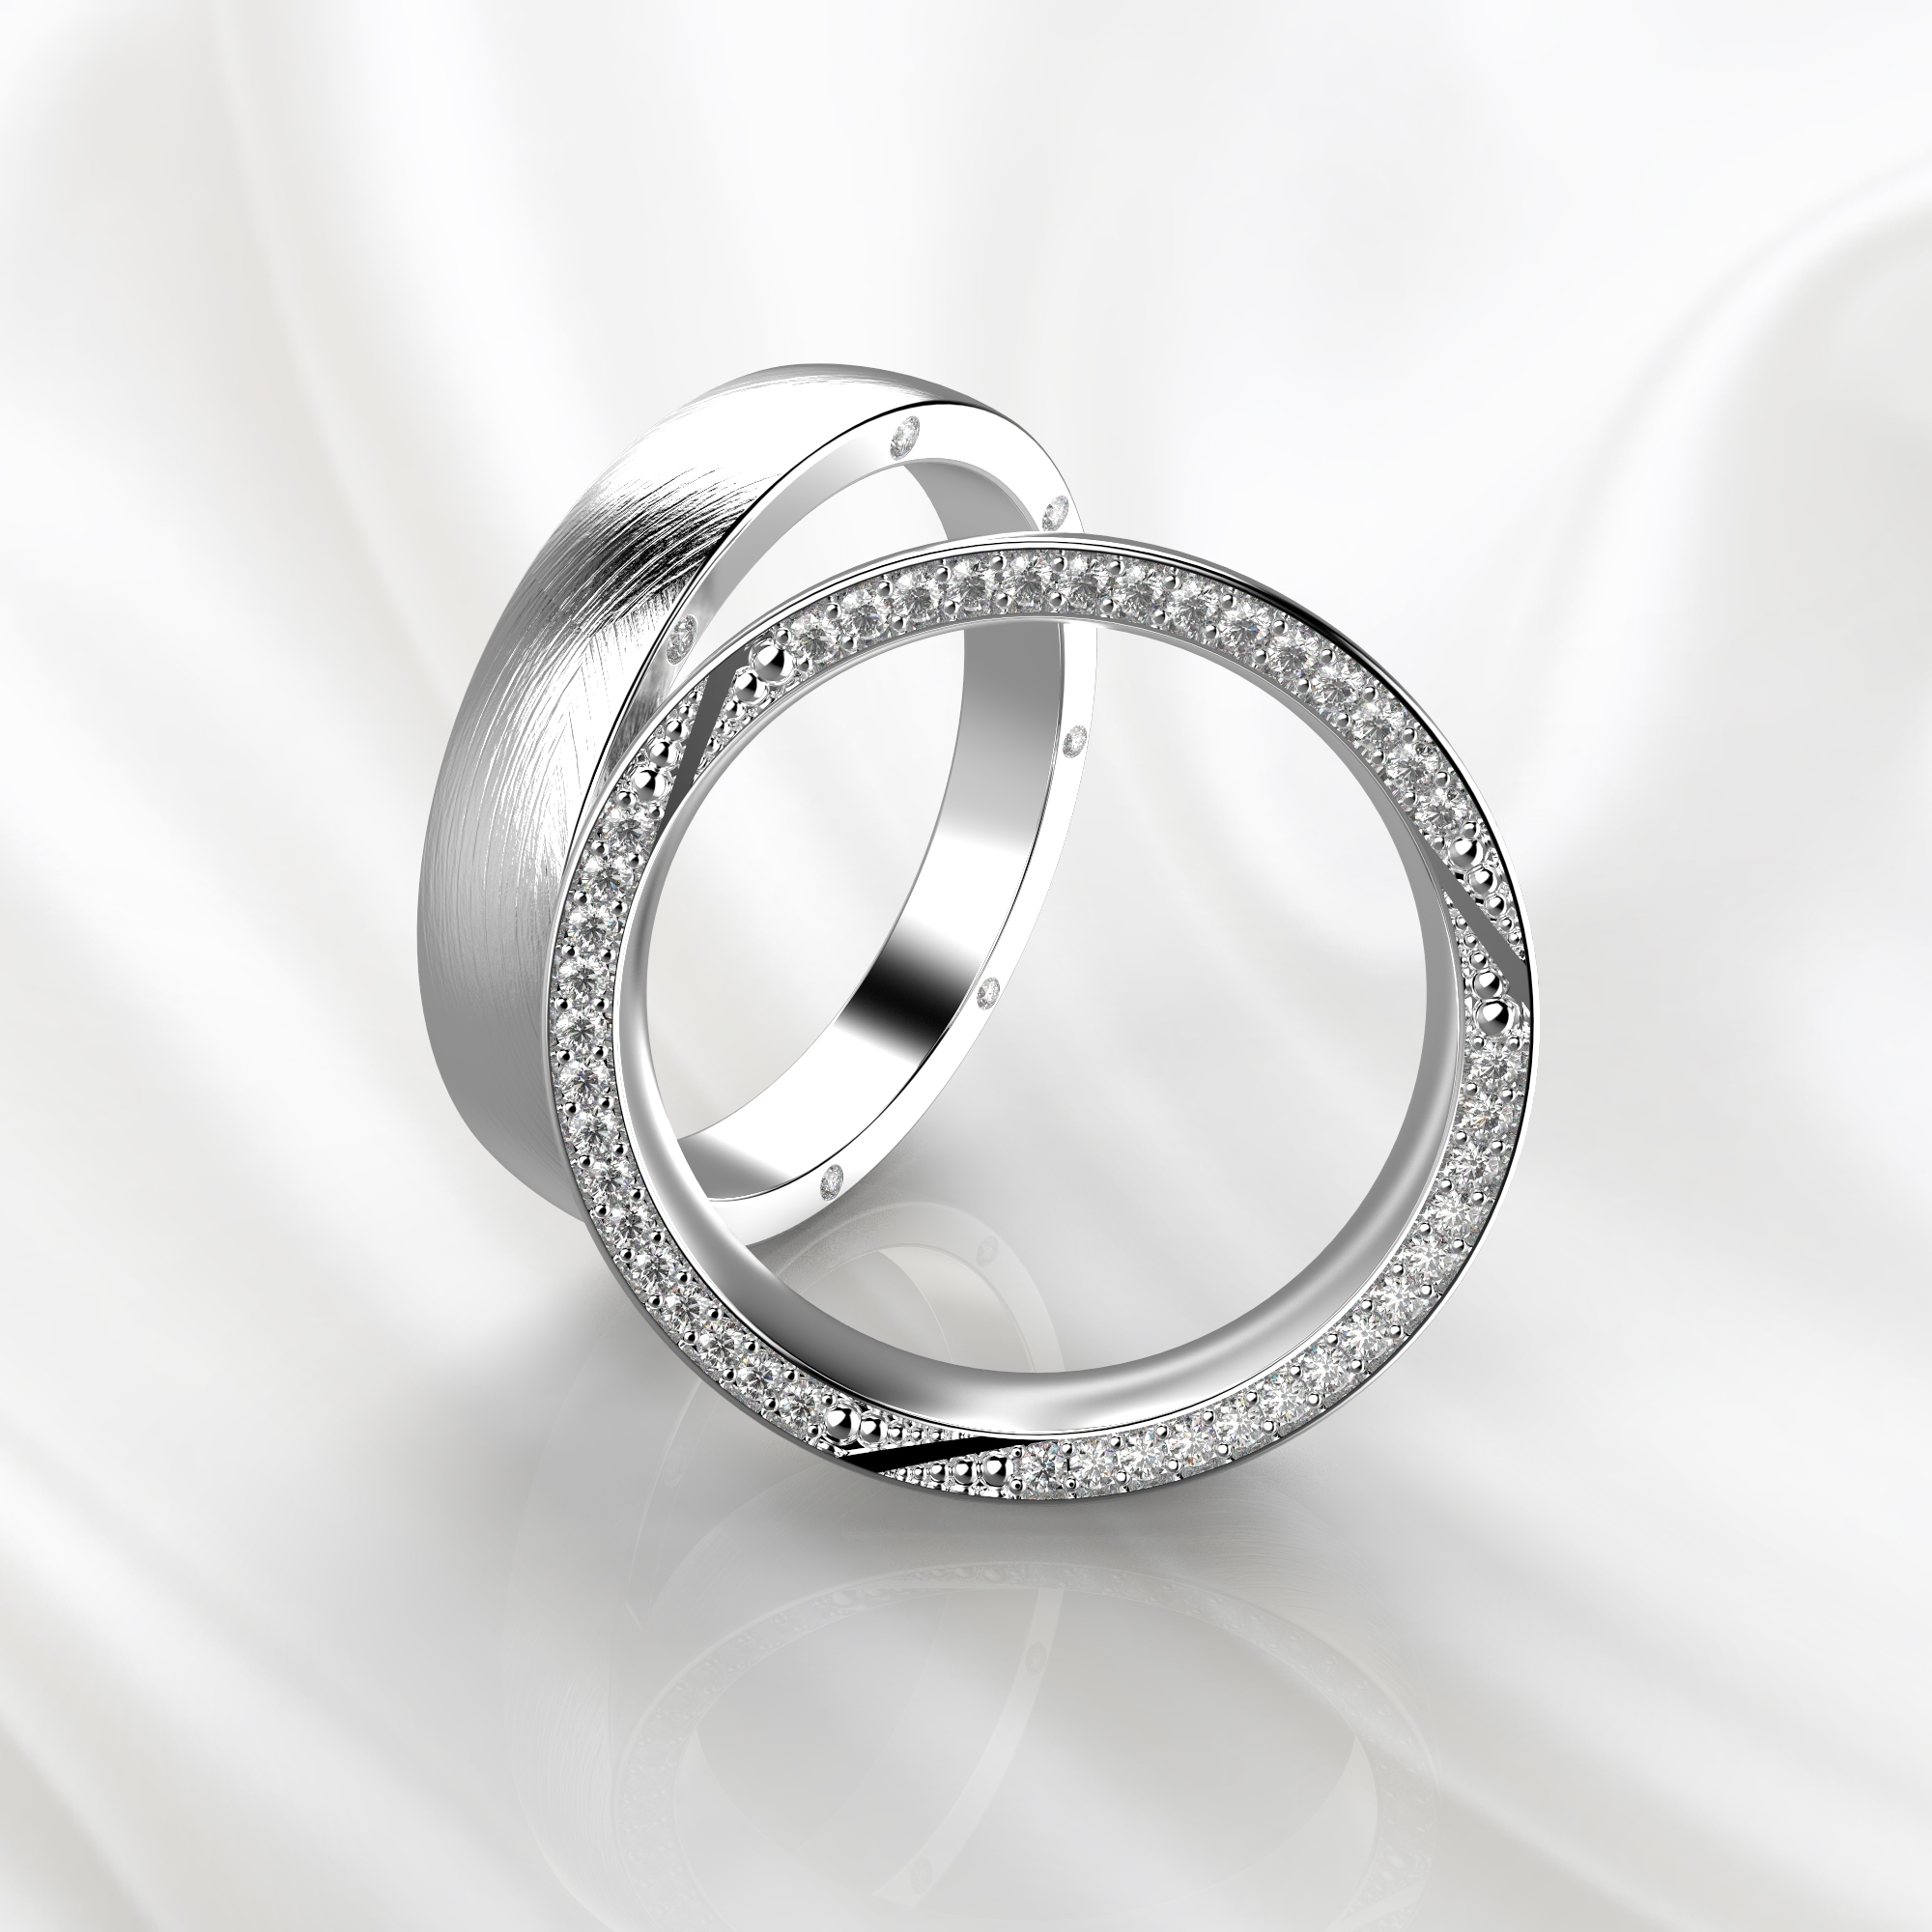 NV72 Парные обручальные кольца из белого золота с бриллиантами